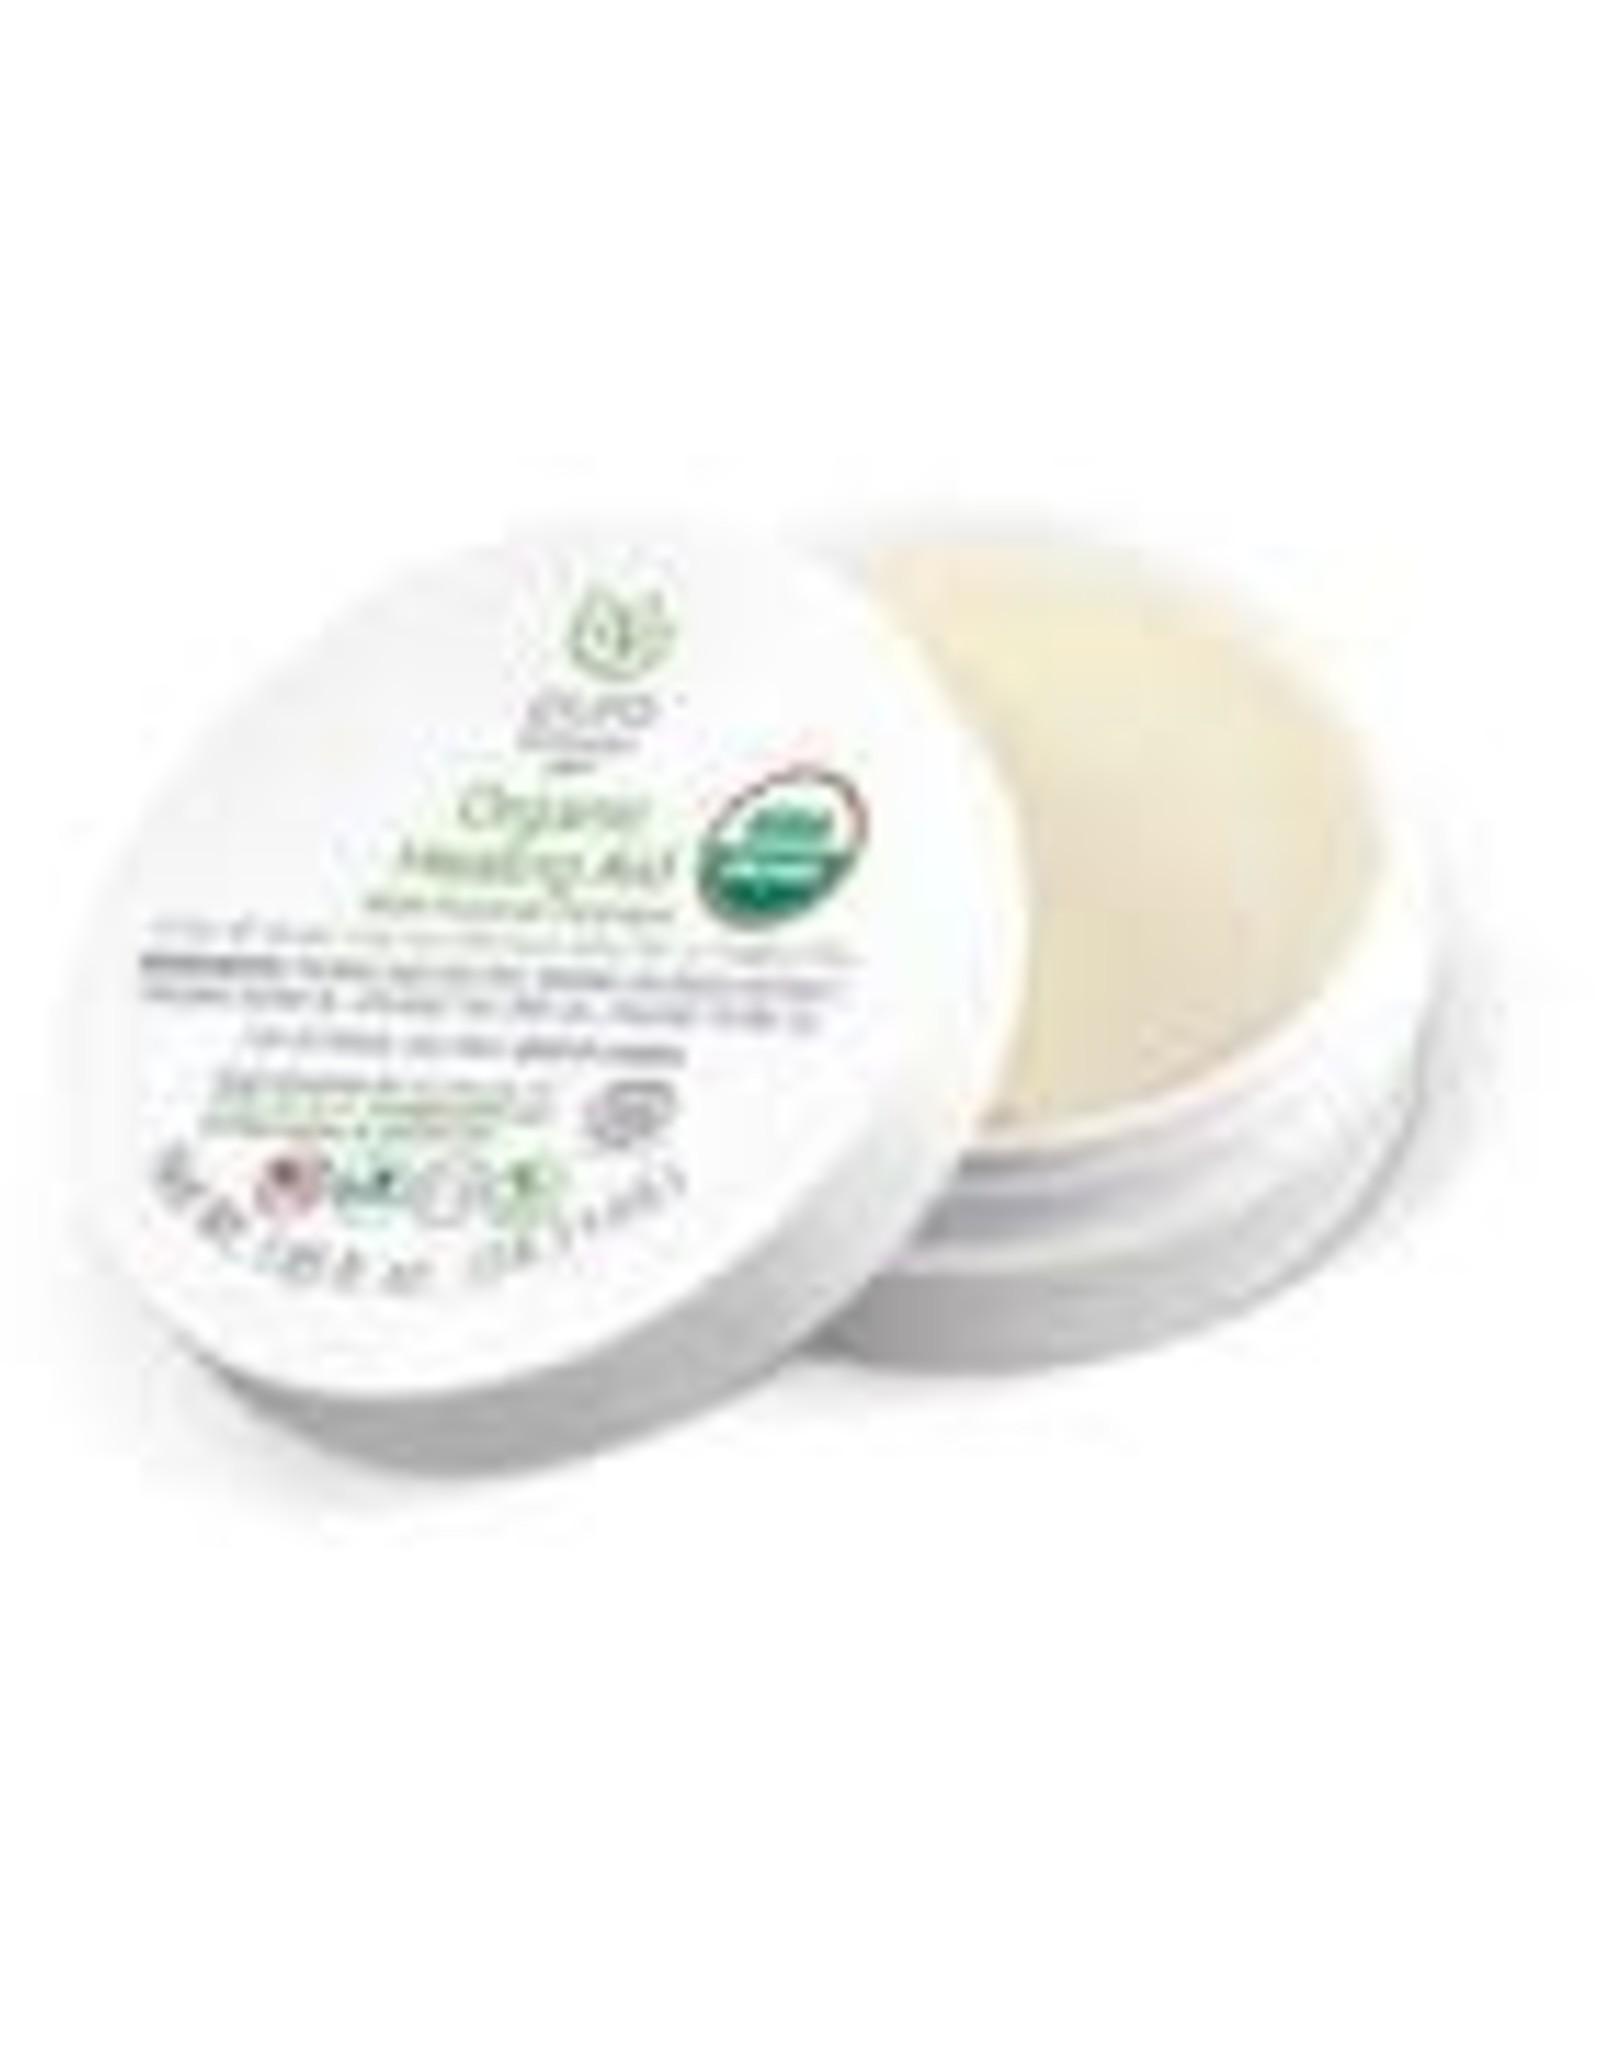 Pure and Natural Pet Organic Healing Aid